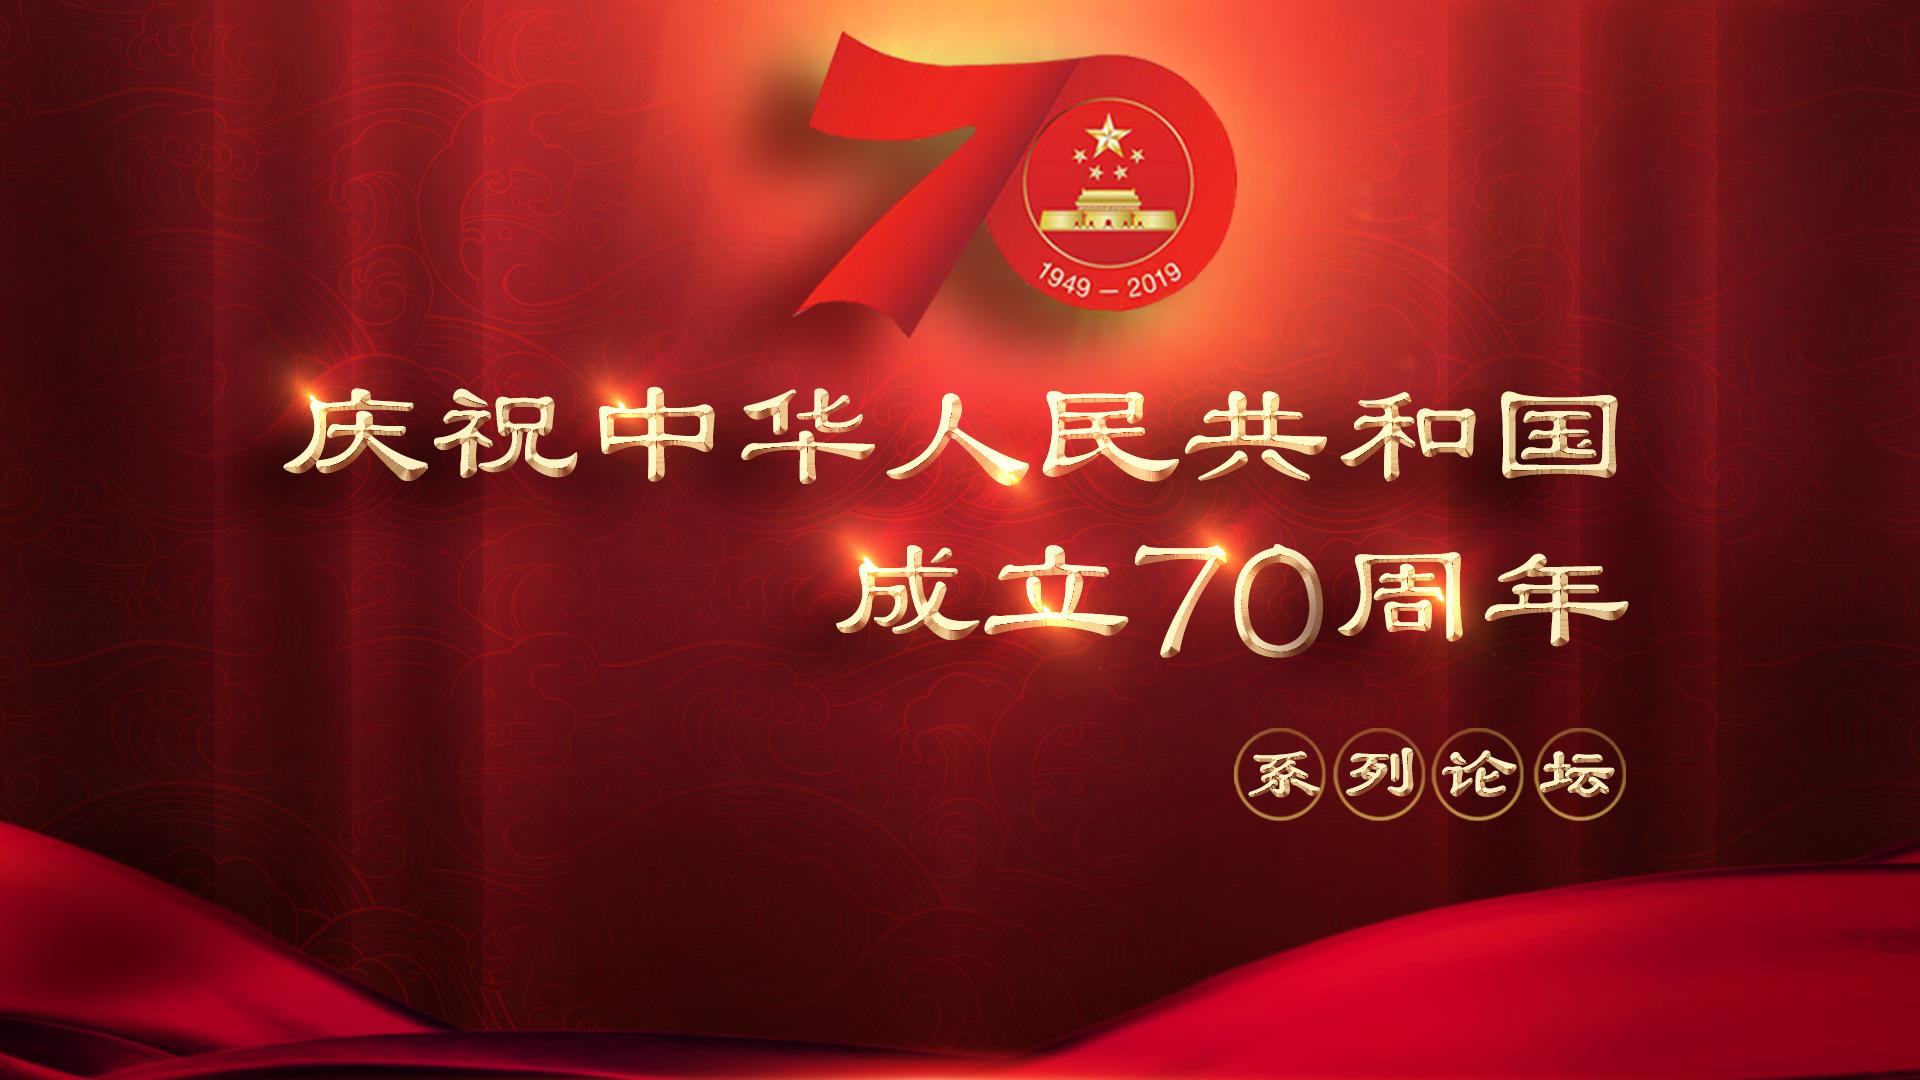 庆祝中华人民共和国成立70周年系列论坛第五场9月17日开讲